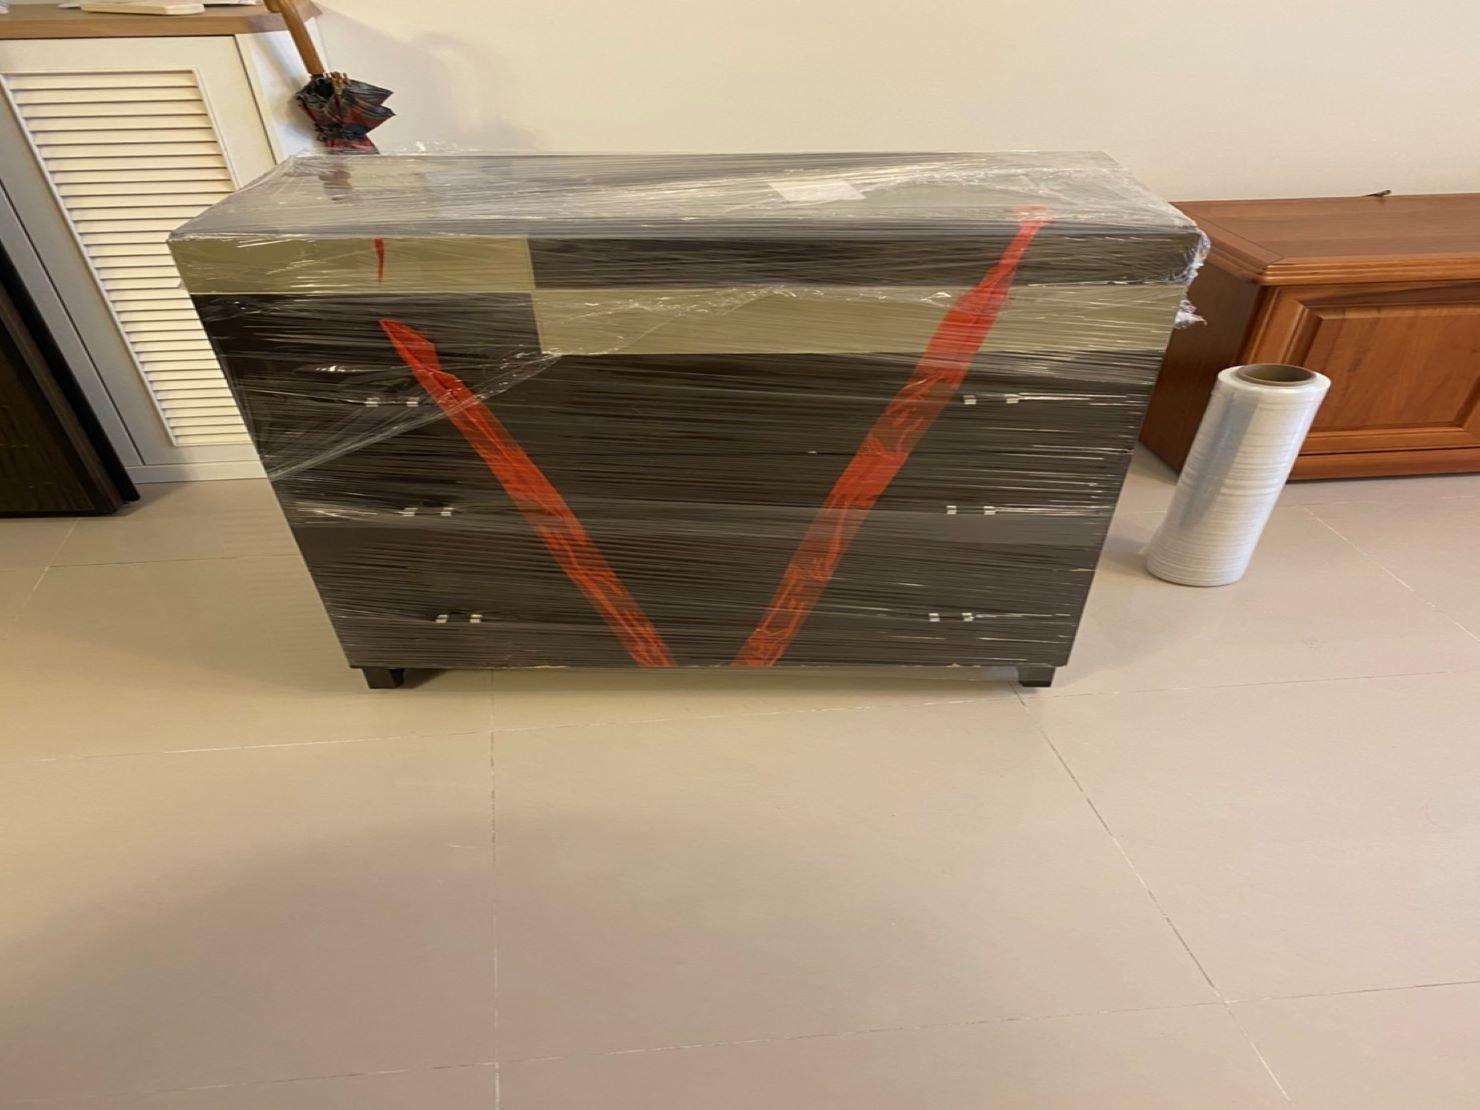 搬家公司【榮福搬家】搬沙發、搬傢具推薦給您最優質、最安全的搬運服務:實木斗櫃用專業膠膜包裹可以防刮、防塵、防水氣!